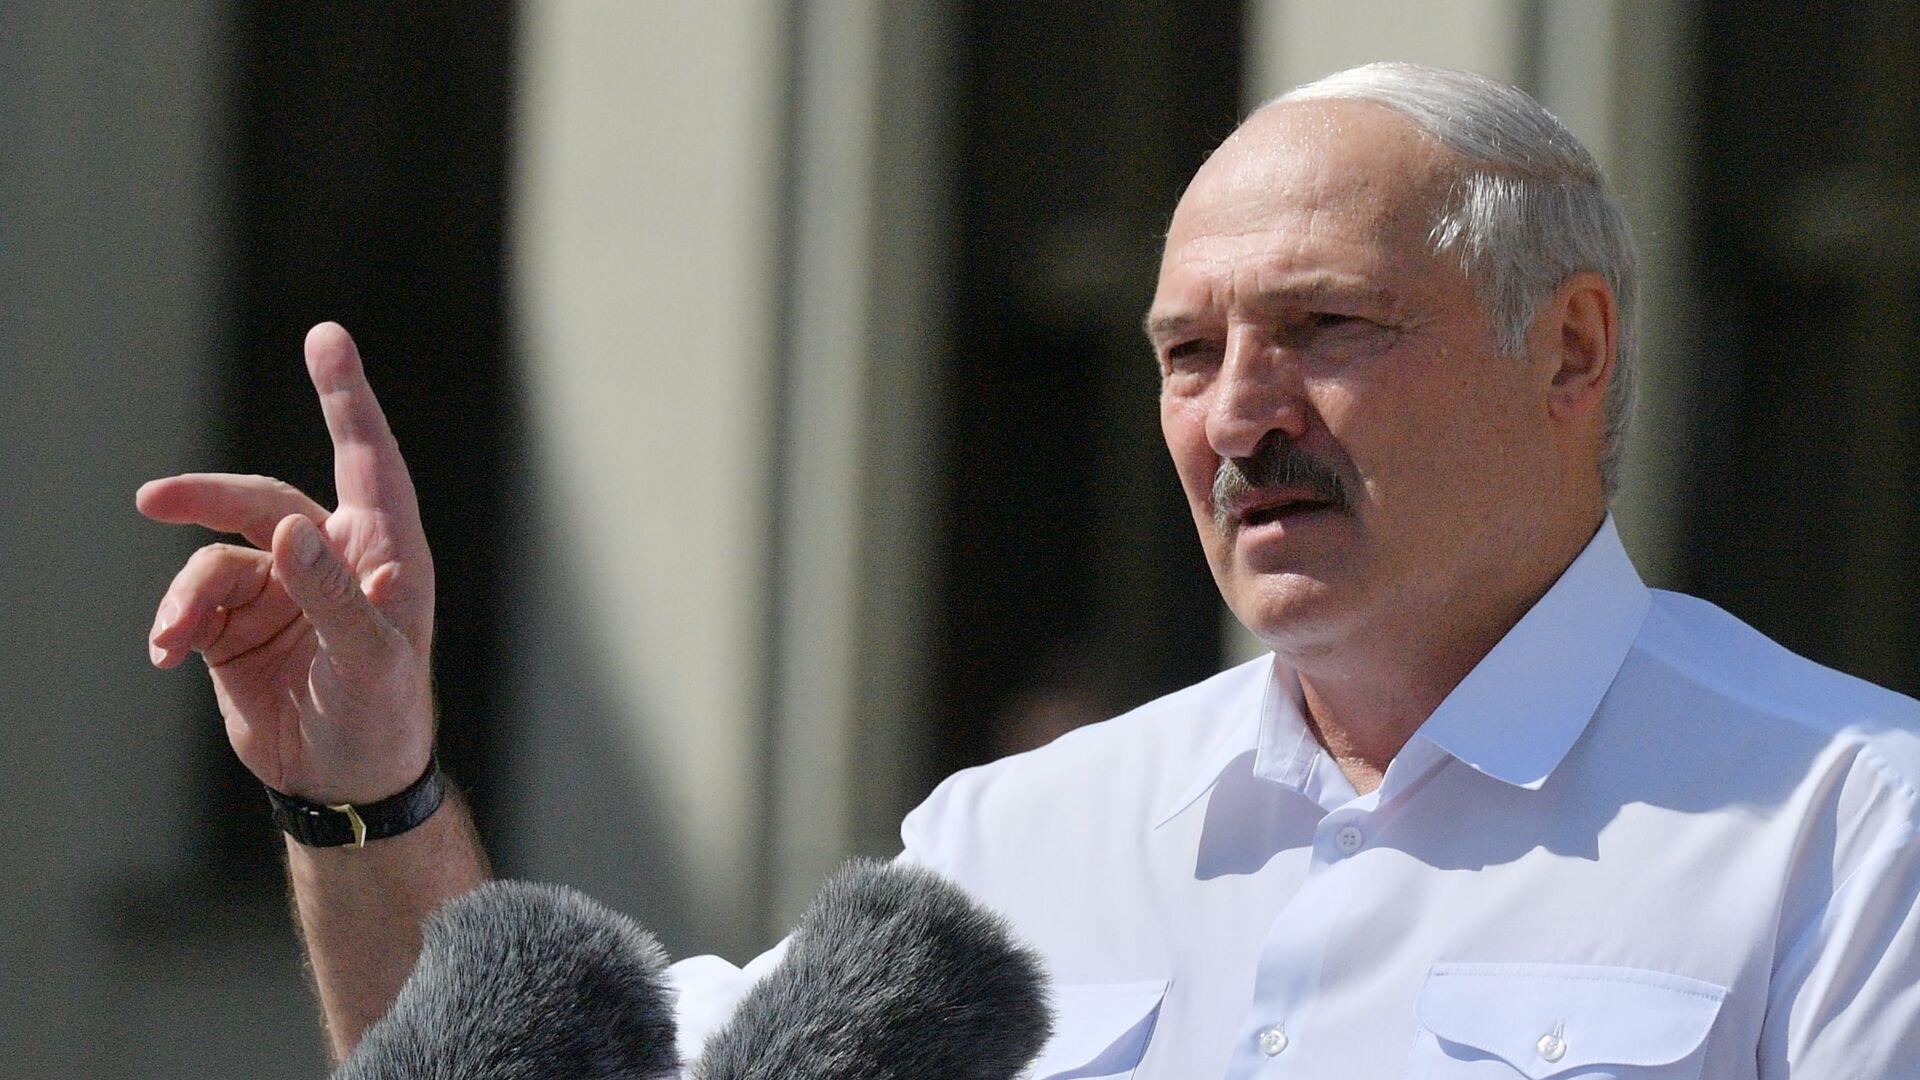 Митинг в поддержку действующего президента Белоруссии А. Лукашенко в Минске - Sputnik Тоҷикистон, 1920, 26.02.2021